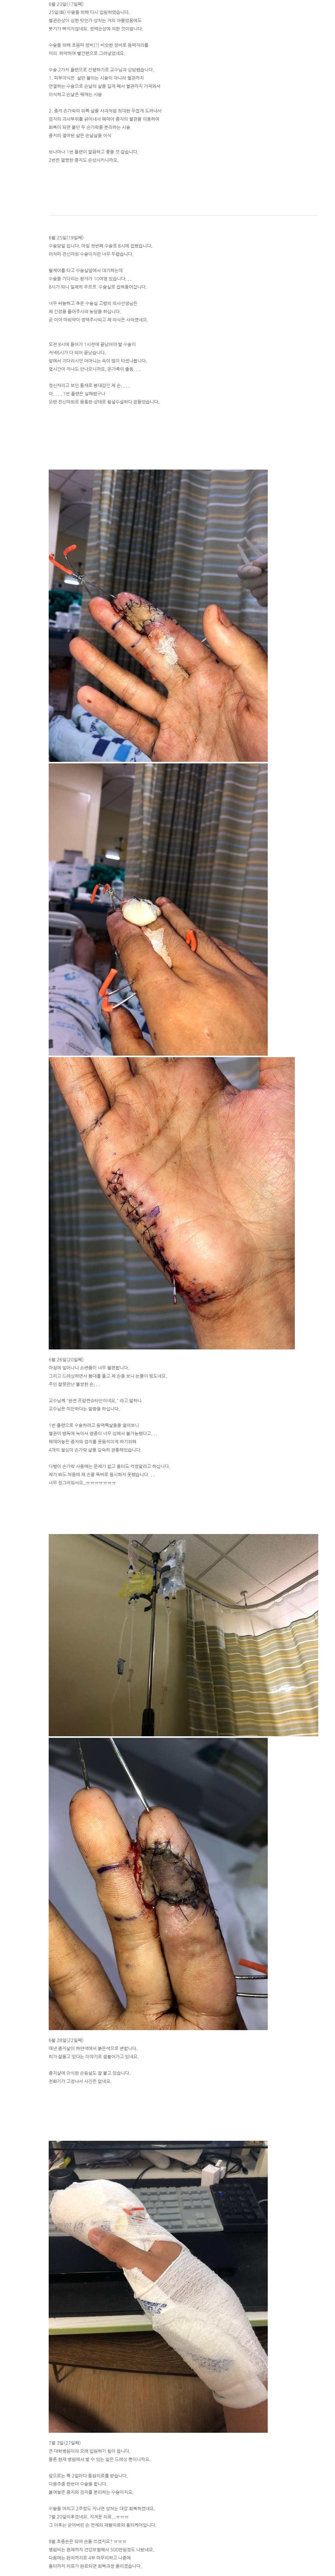 혐) 쇠살모사에 물린 남자...후기 | 인스티즈